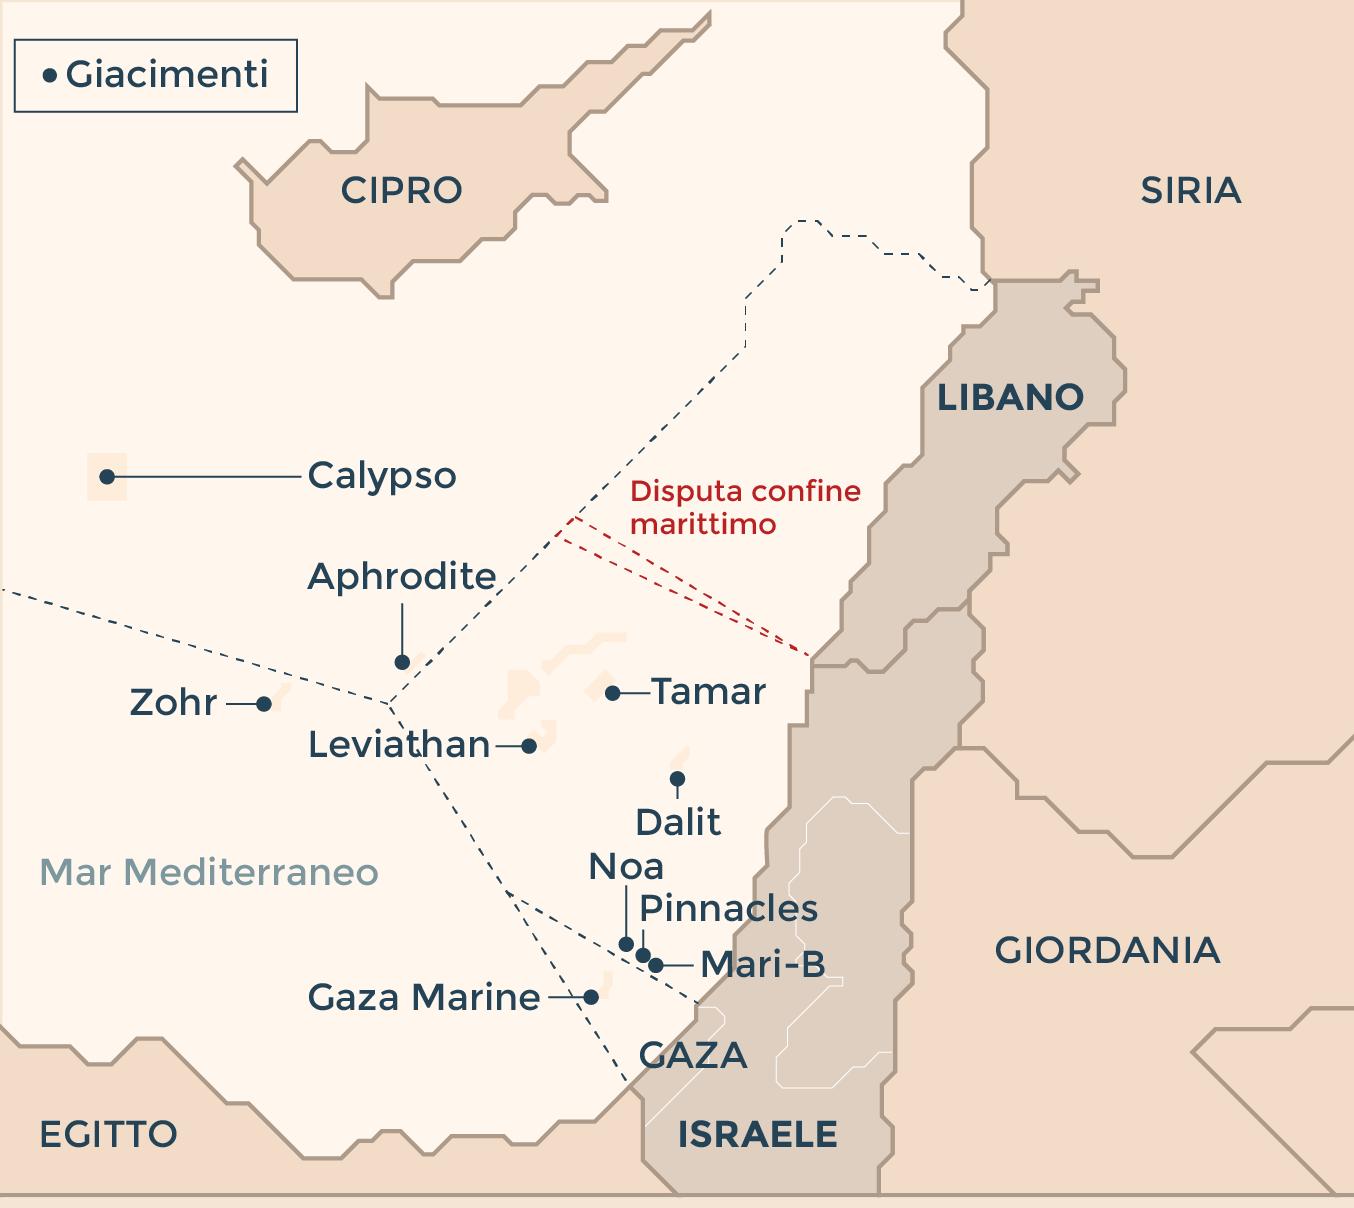 Cipro: Grecia, Turchia viola ancora legalità internazionale